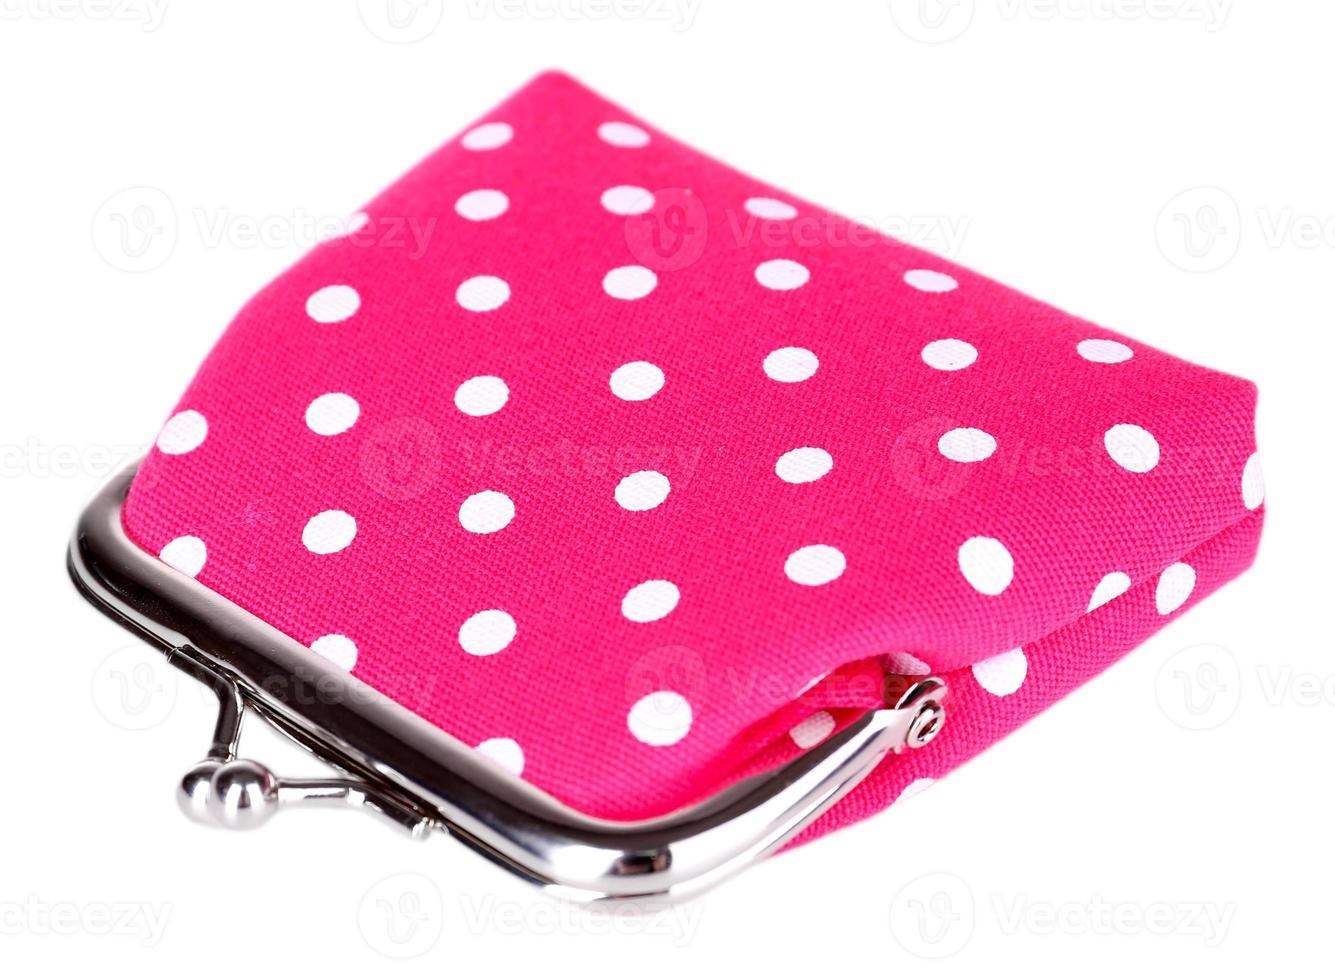 borsa rosa isolata su bianco foto